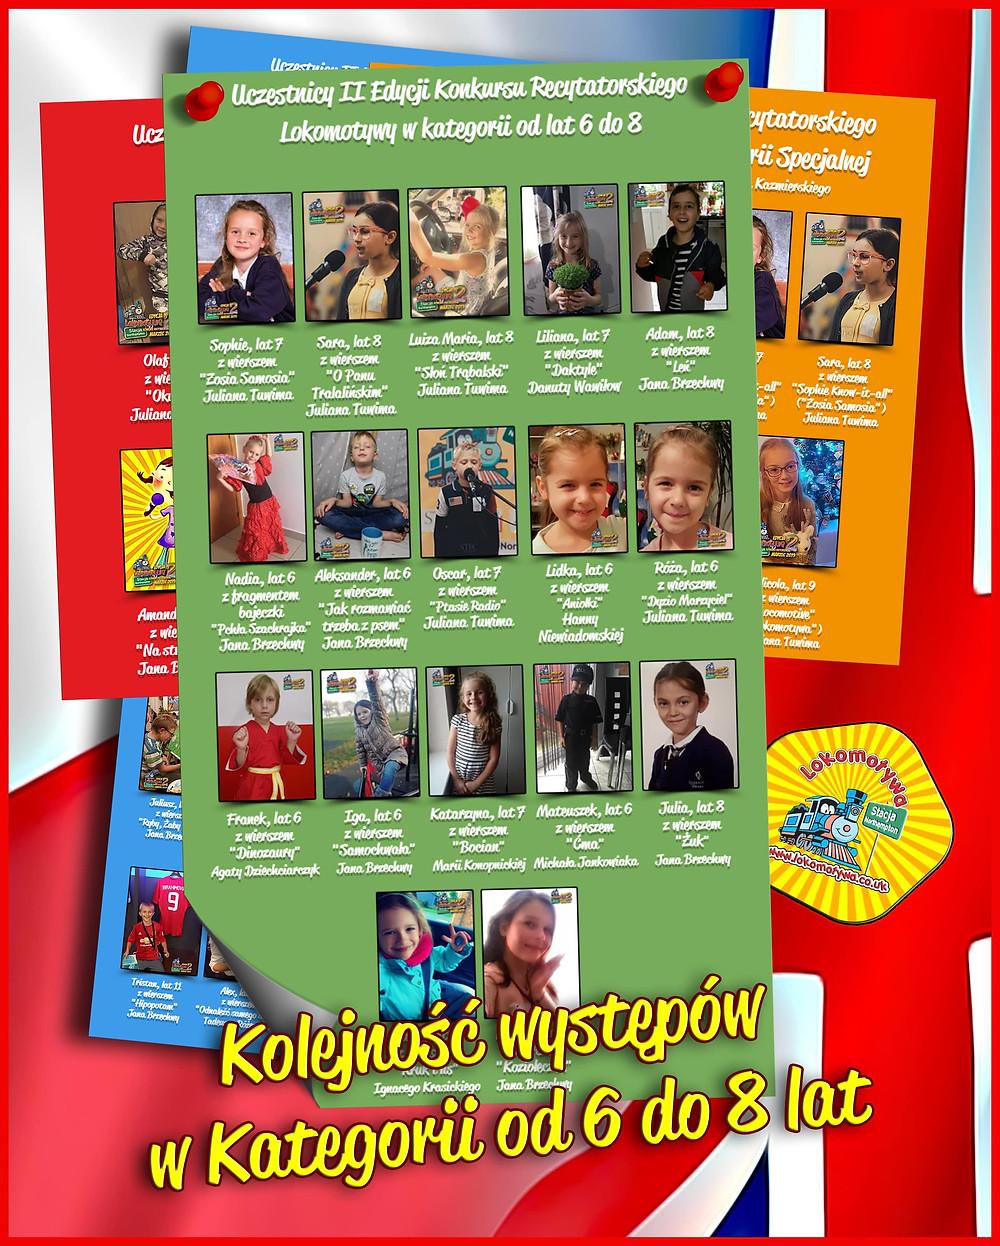 Kolejność występów Dzieci w Kategorii od lat 6 do 8 - II Edycja Konkursu Recytatorskiego Lokomotywy